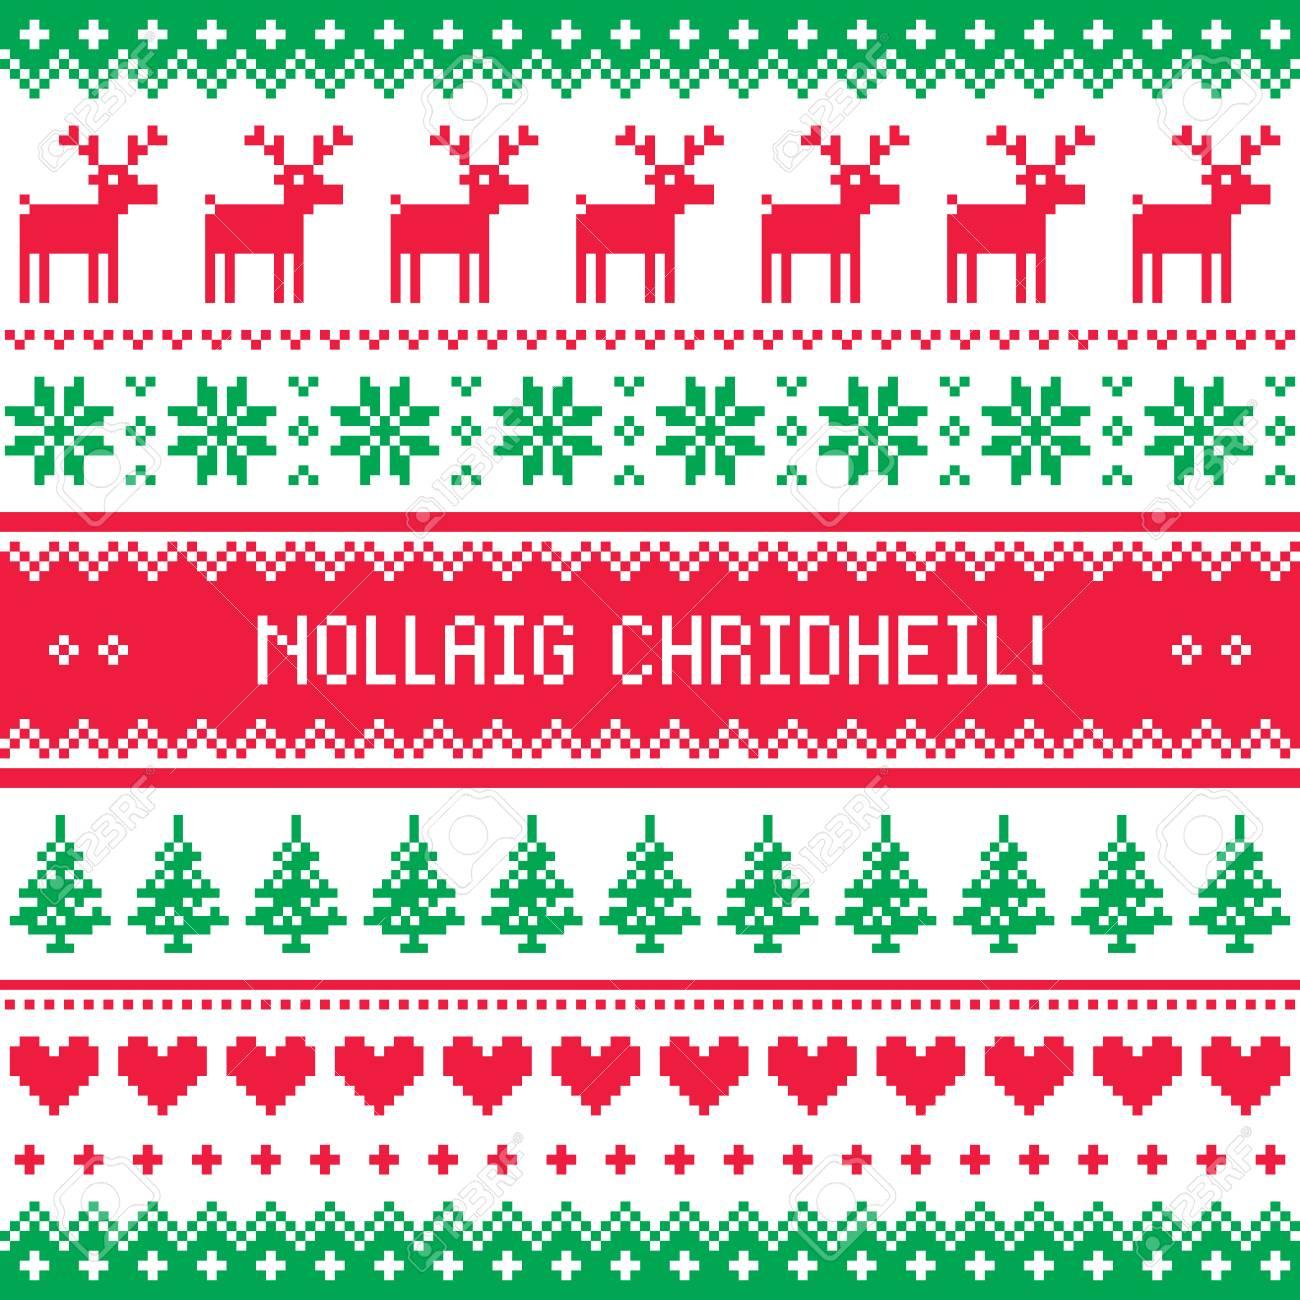 Merry christmas in scottish gaelic greetings card seamless pattern merry christmas in scottish gaelic greetings card seamless pattern stock vector 80836548 m4hsunfo